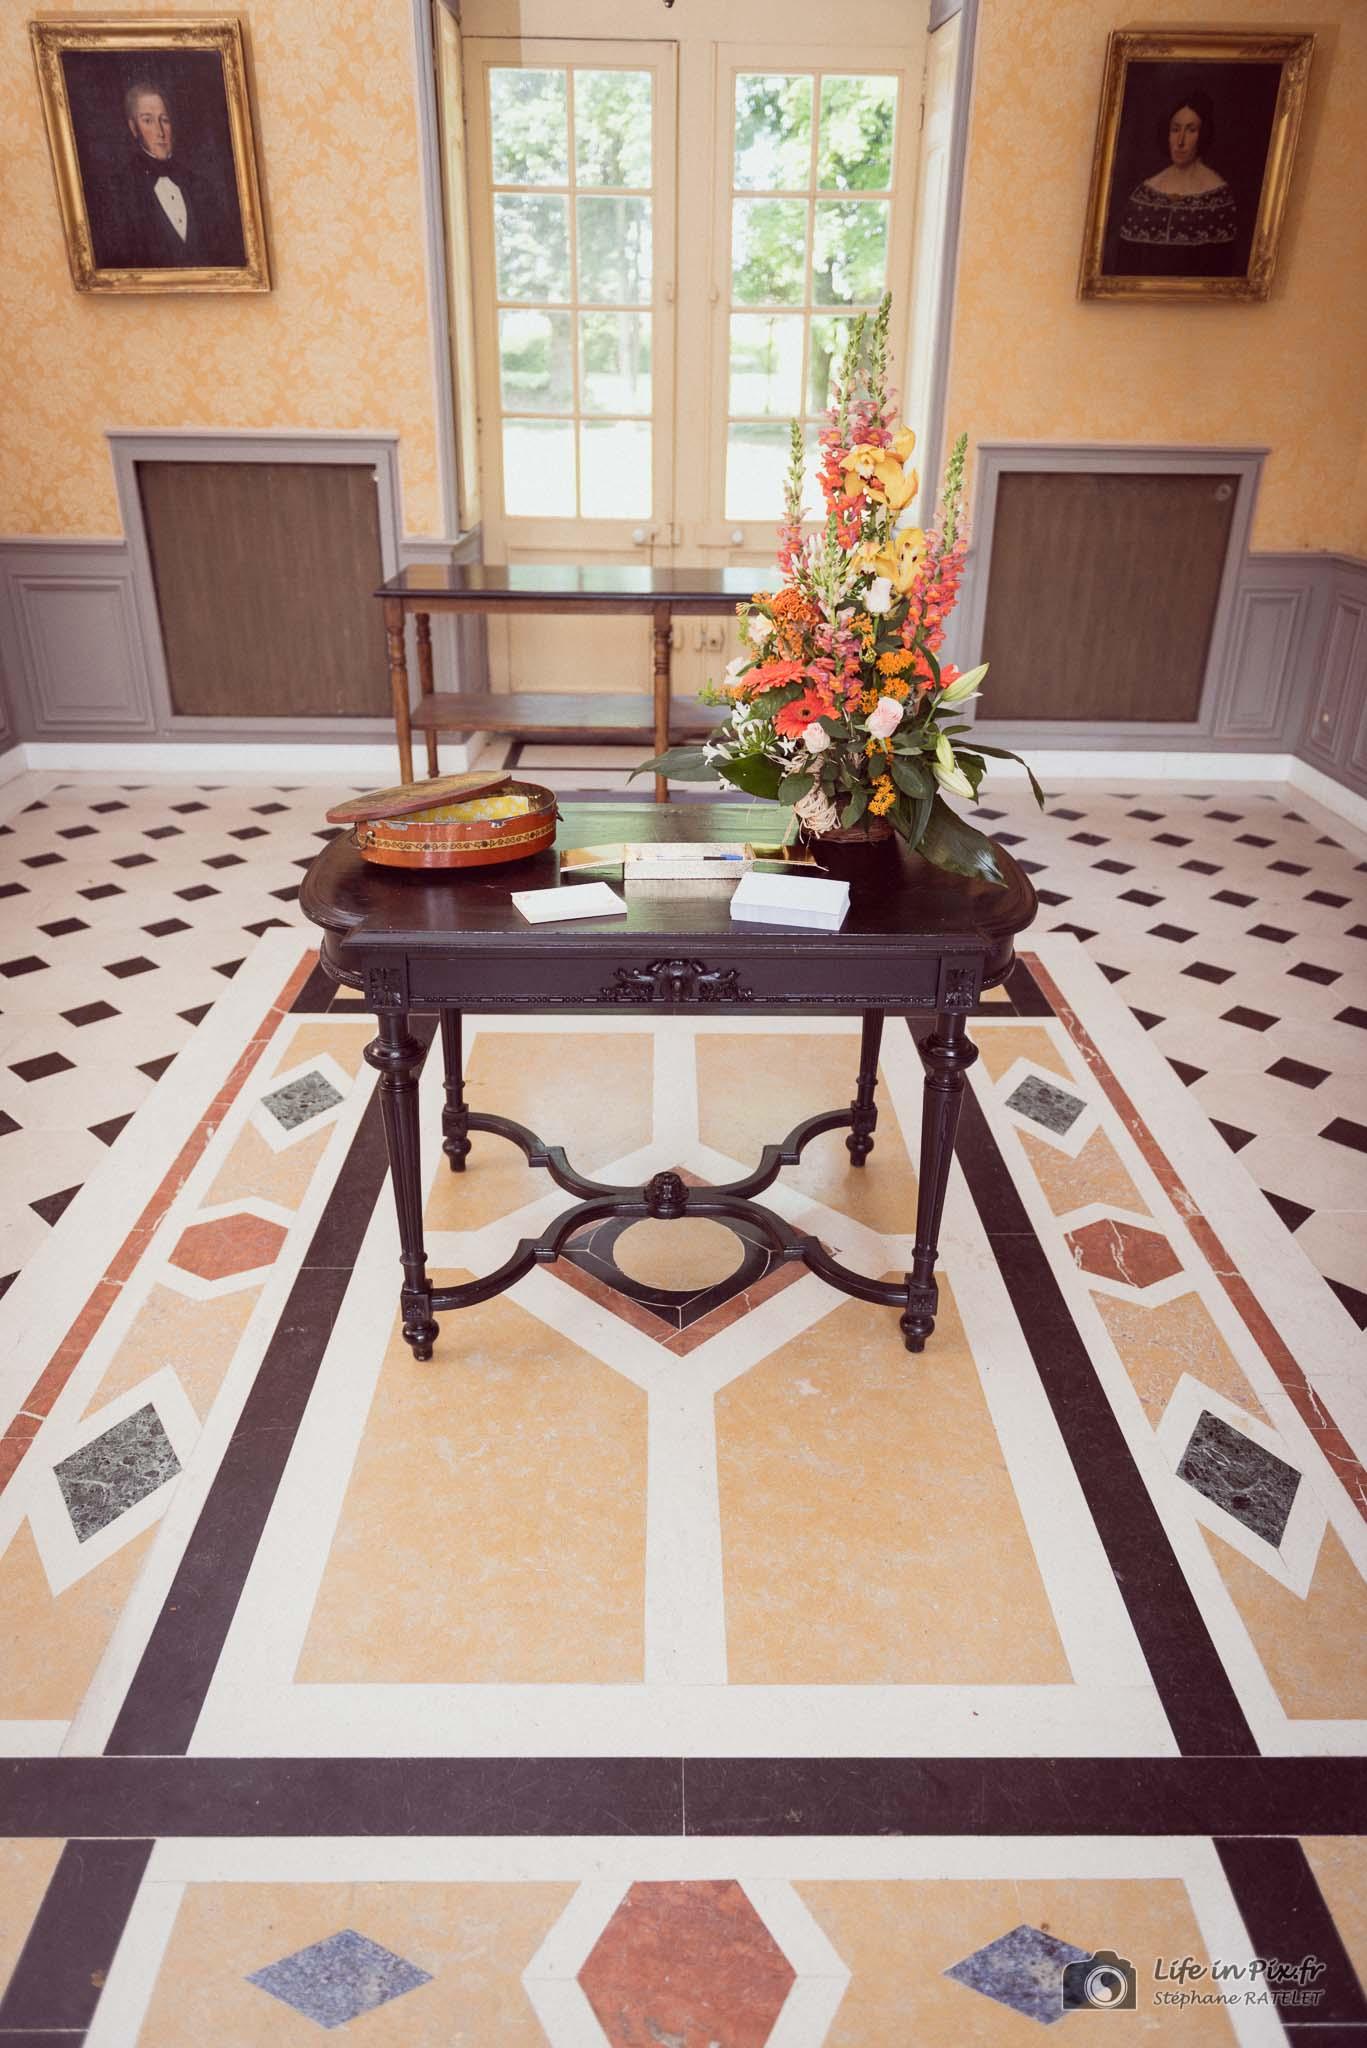 entrée de la salle de réception - mariage chateau d'auvillers - le temps d'un event